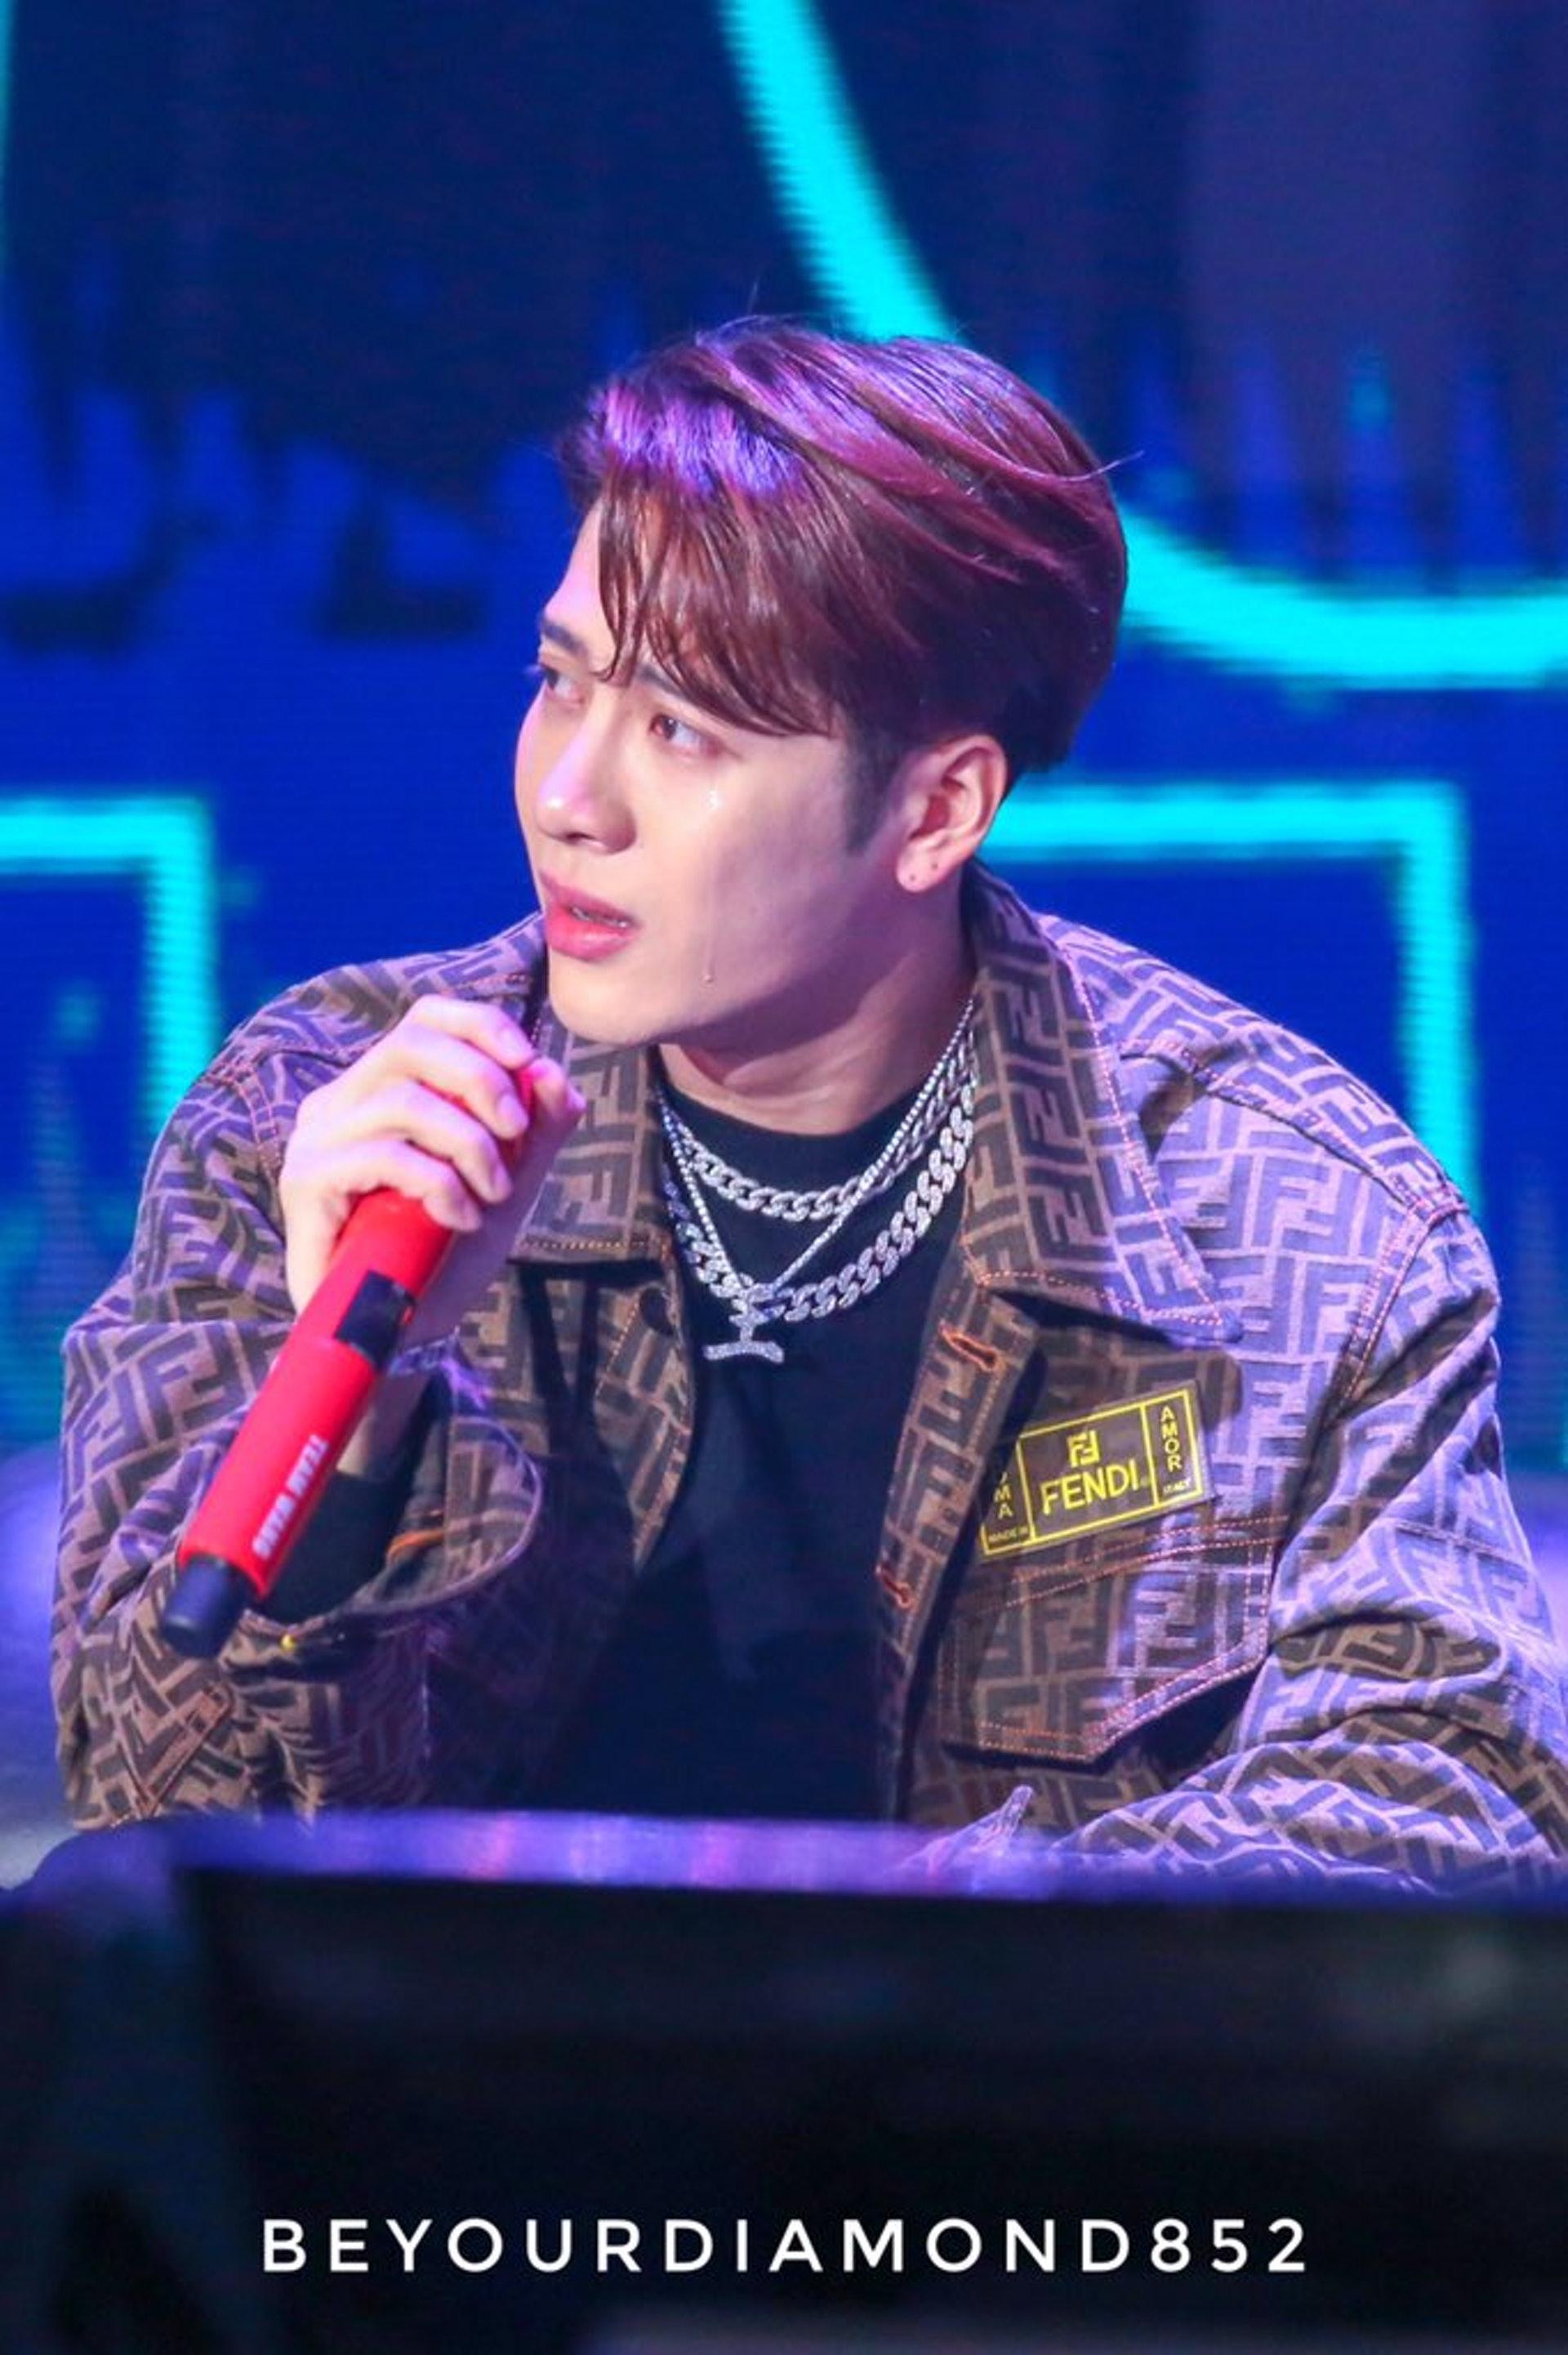 Jackson已兩次因同一指控而公開落淚,但繼續接拍大量綜藝行為被部分網友批評有自打嘴巴之嫌。(網上圖片)